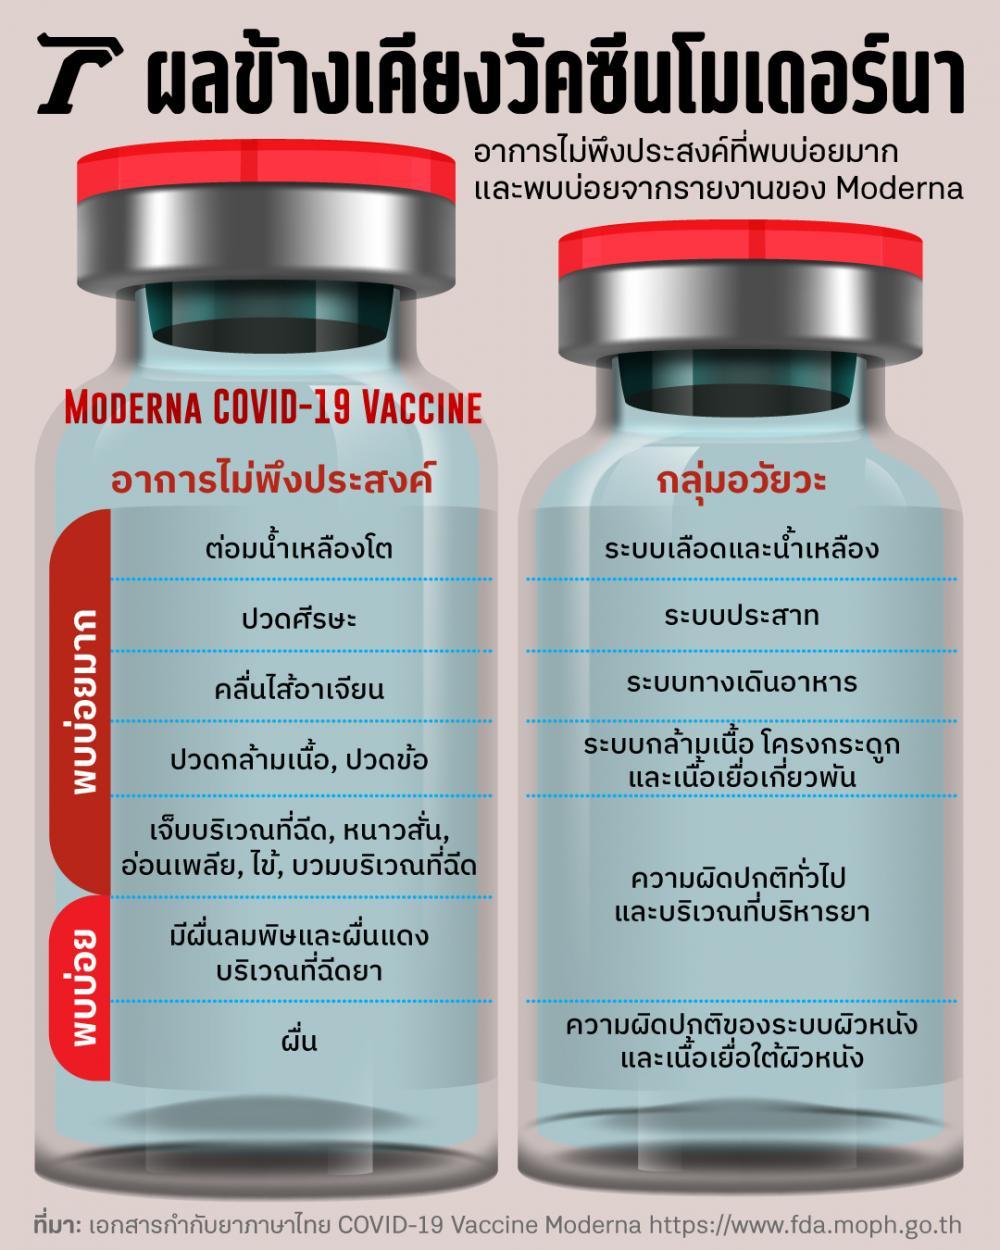 ผลข้างเคียงวัคซีนโมเดอร์นา (COVID-19 Vaccine Moderna)